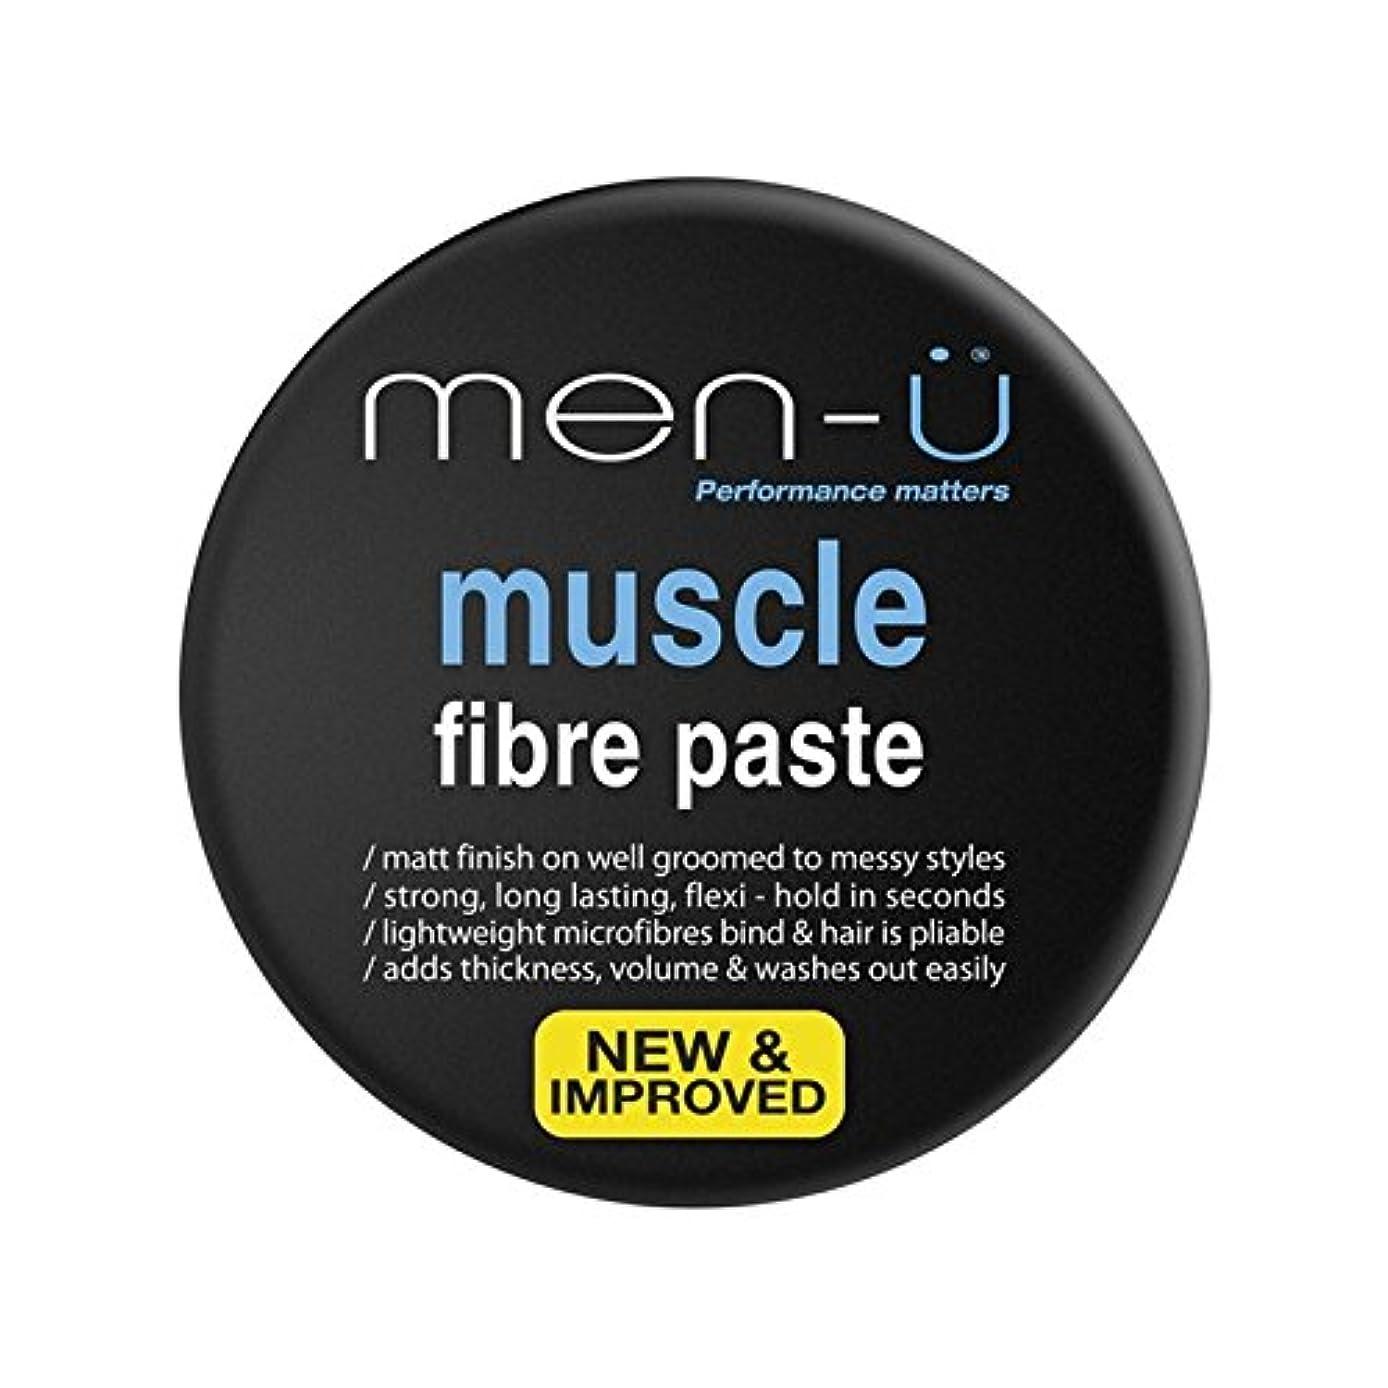 段落秋可動式Men-? Muscle Fibre Paste (100ml) - 男性-?筋線維ペースト(100ミリリットル) [並行輸入品]